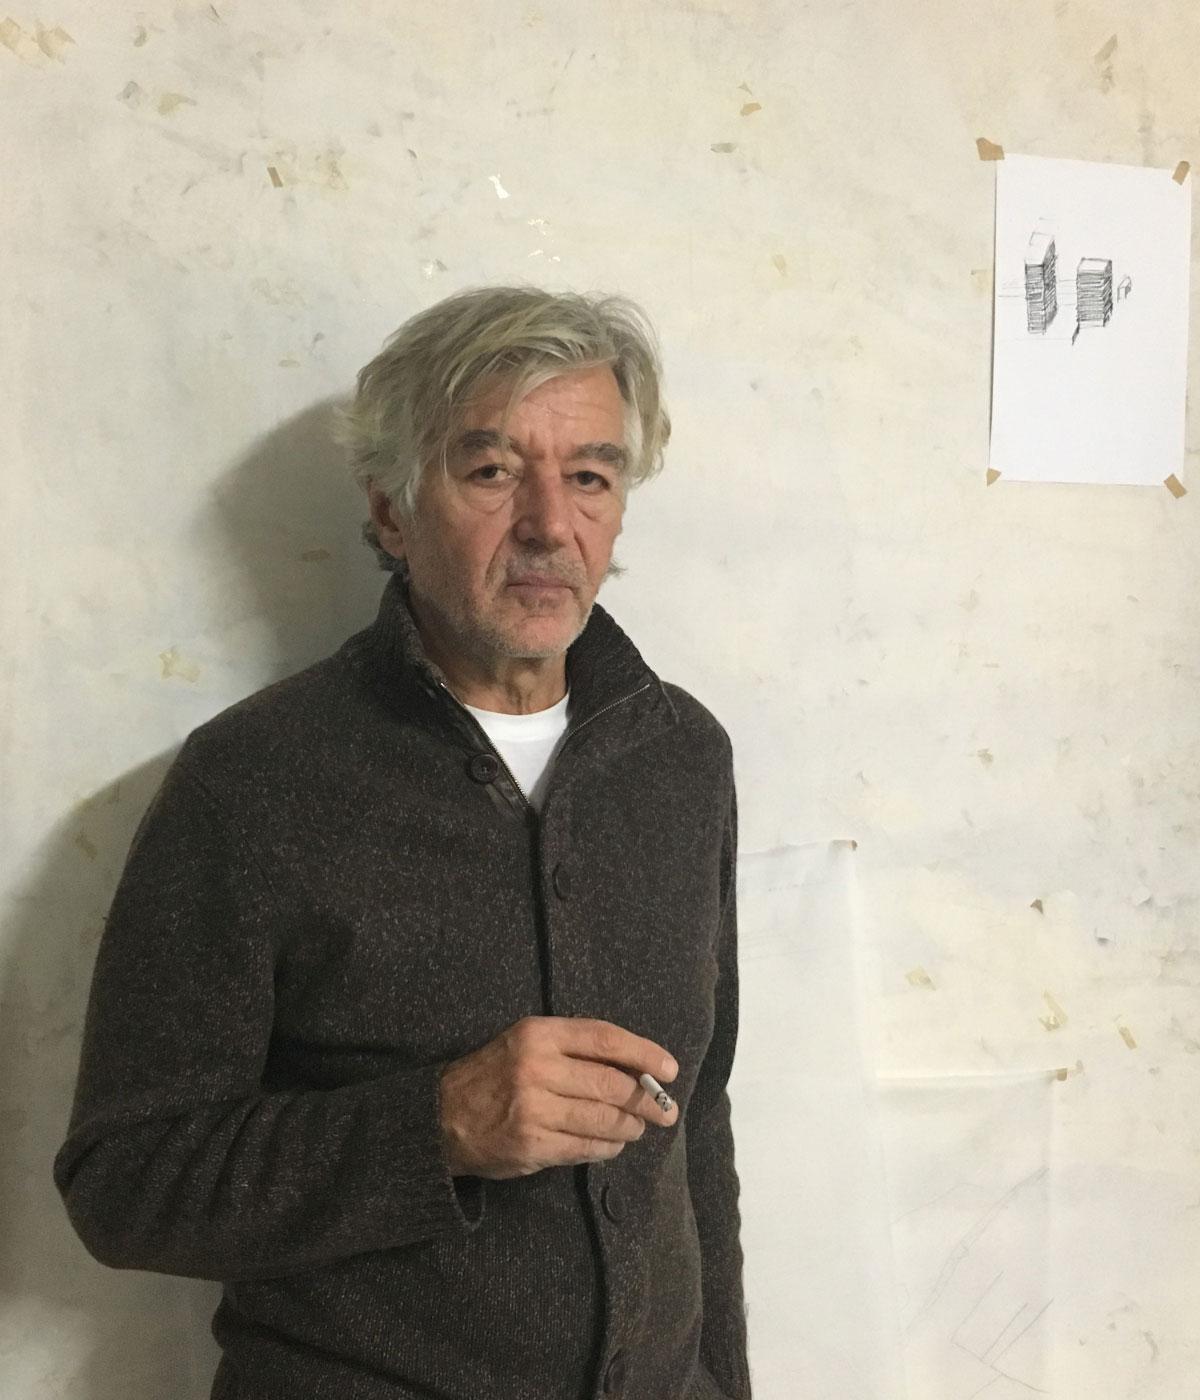 Peter Märkli